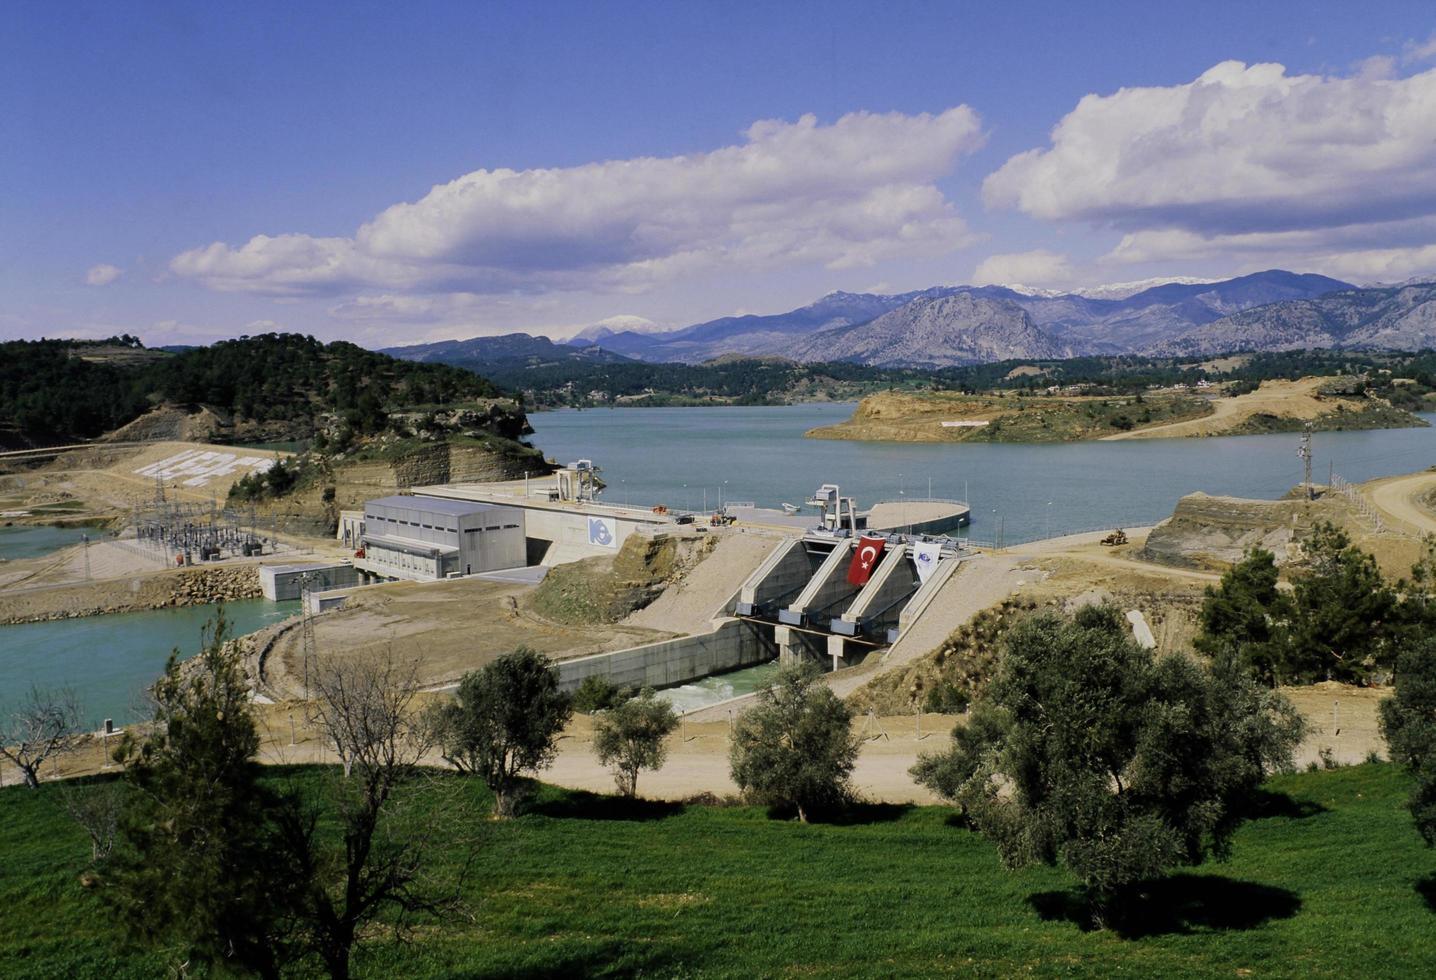 diga di kepez, lago della diga e centrale idroelettrica ad adana foto